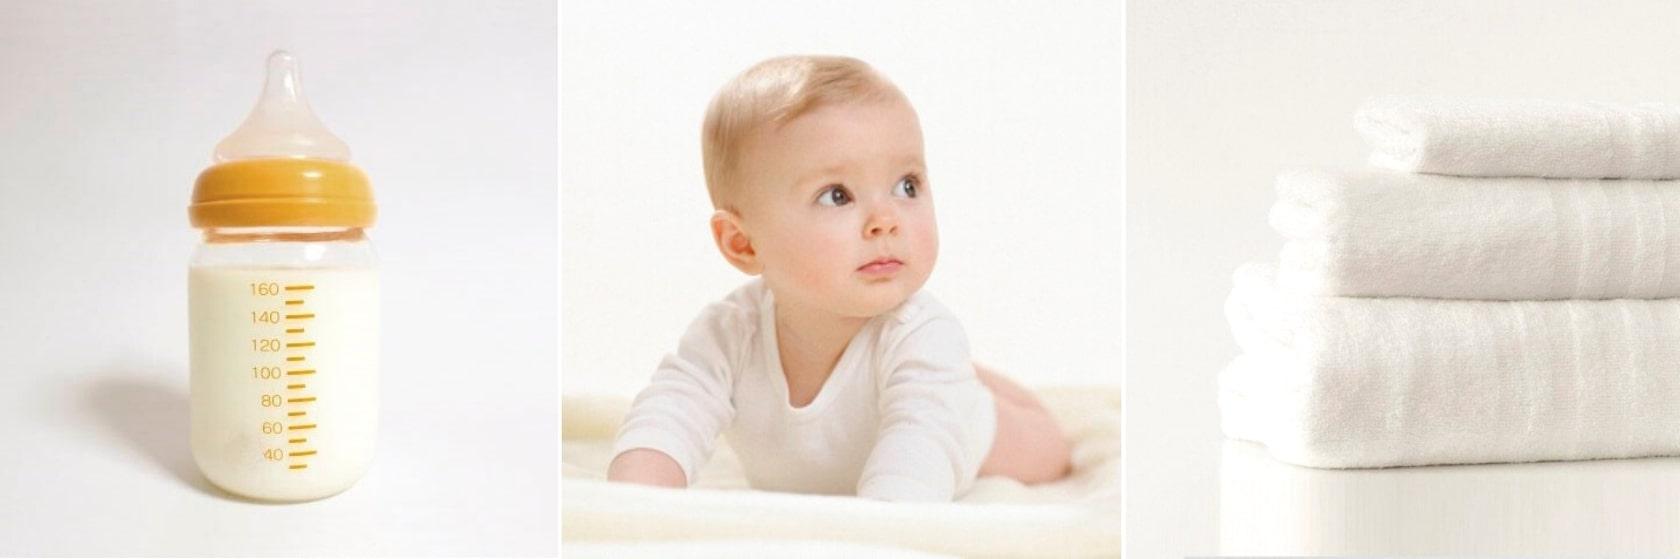 Почему ребенок срыгивает фонтаном после кормления смесью